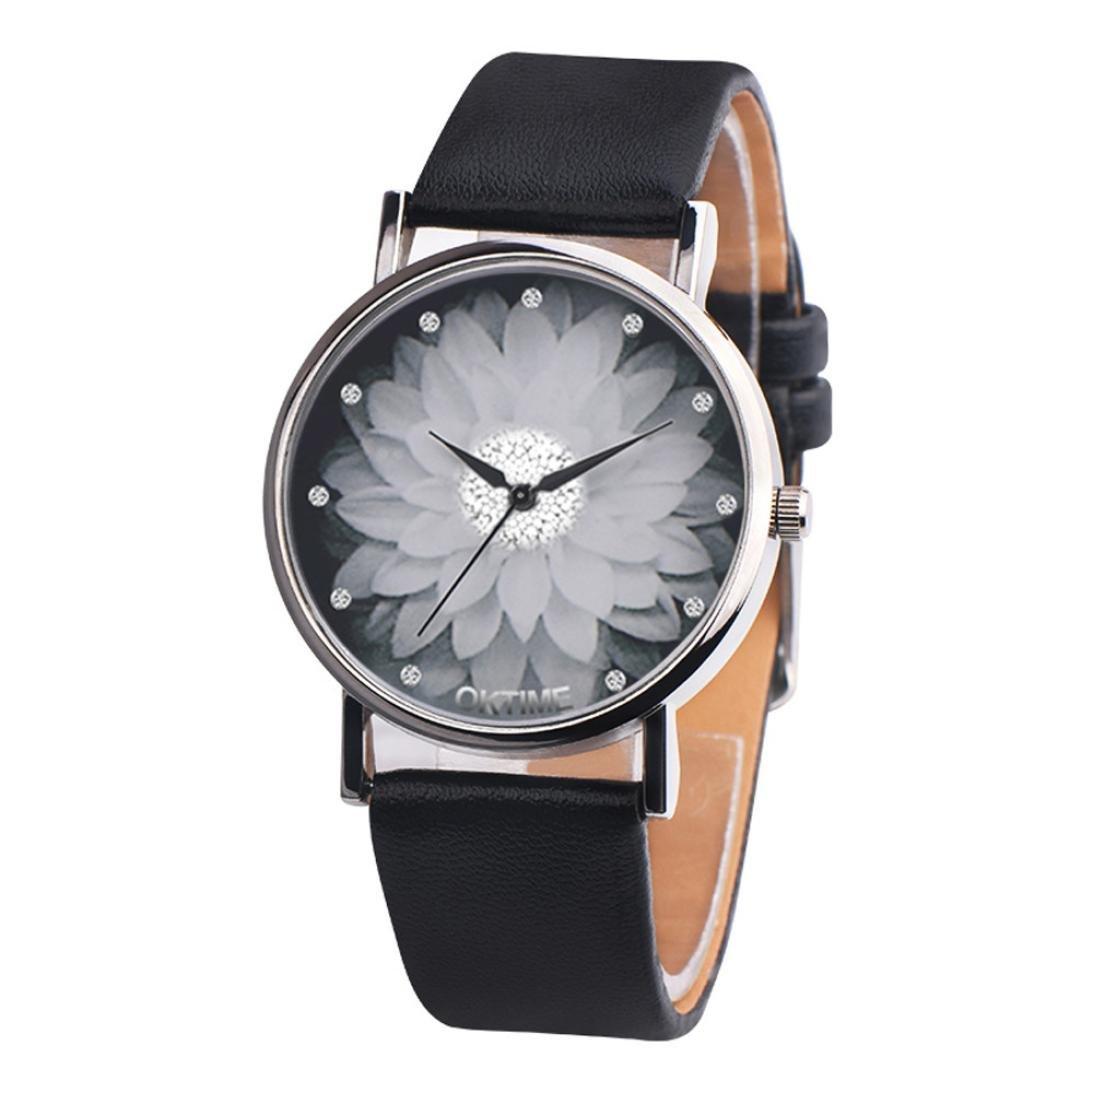 Relojes Unisexo,❤LMMVP❤Mujeres hombres unisex de lona casual de cuero de cuarzo analógico reloj (A): Amazon.es: Relojes